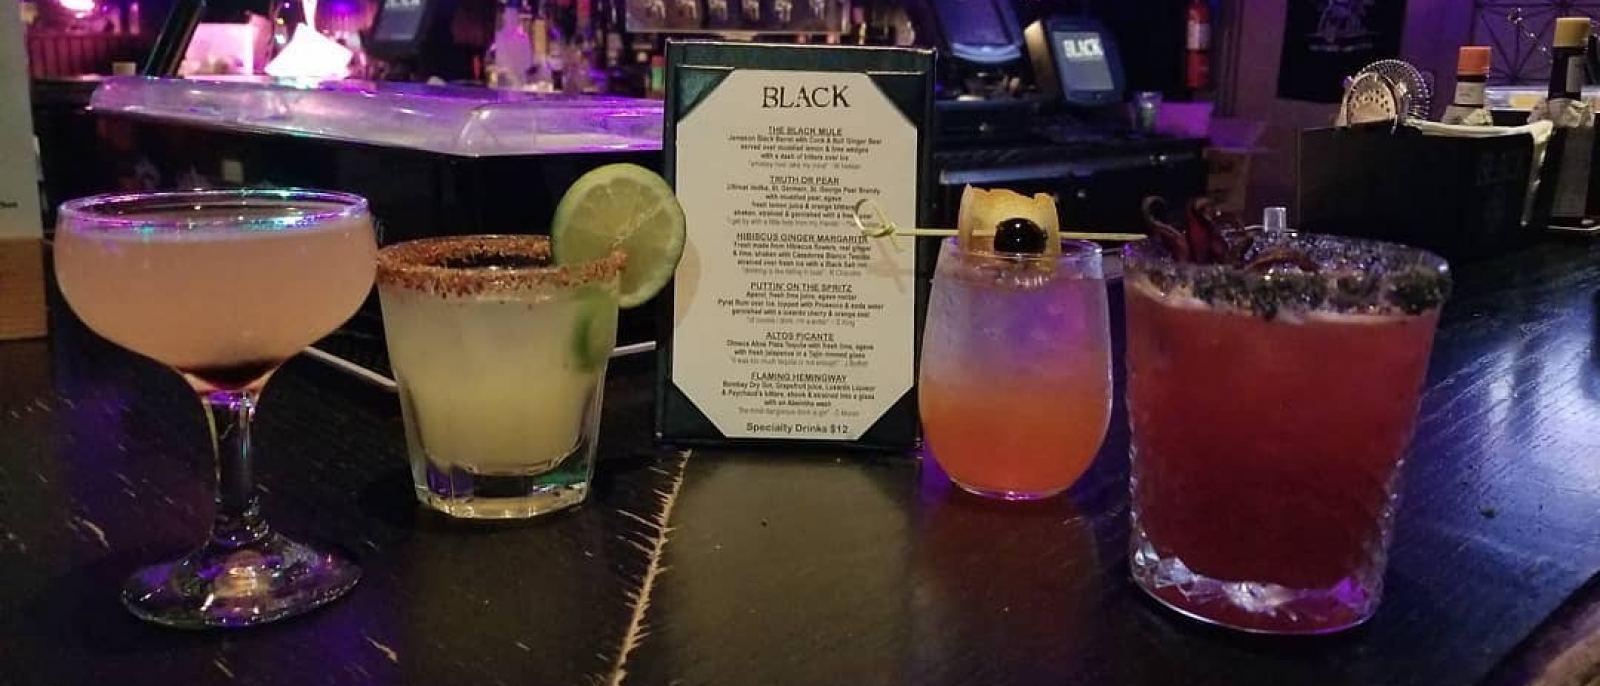 Black Hollywood cocktails